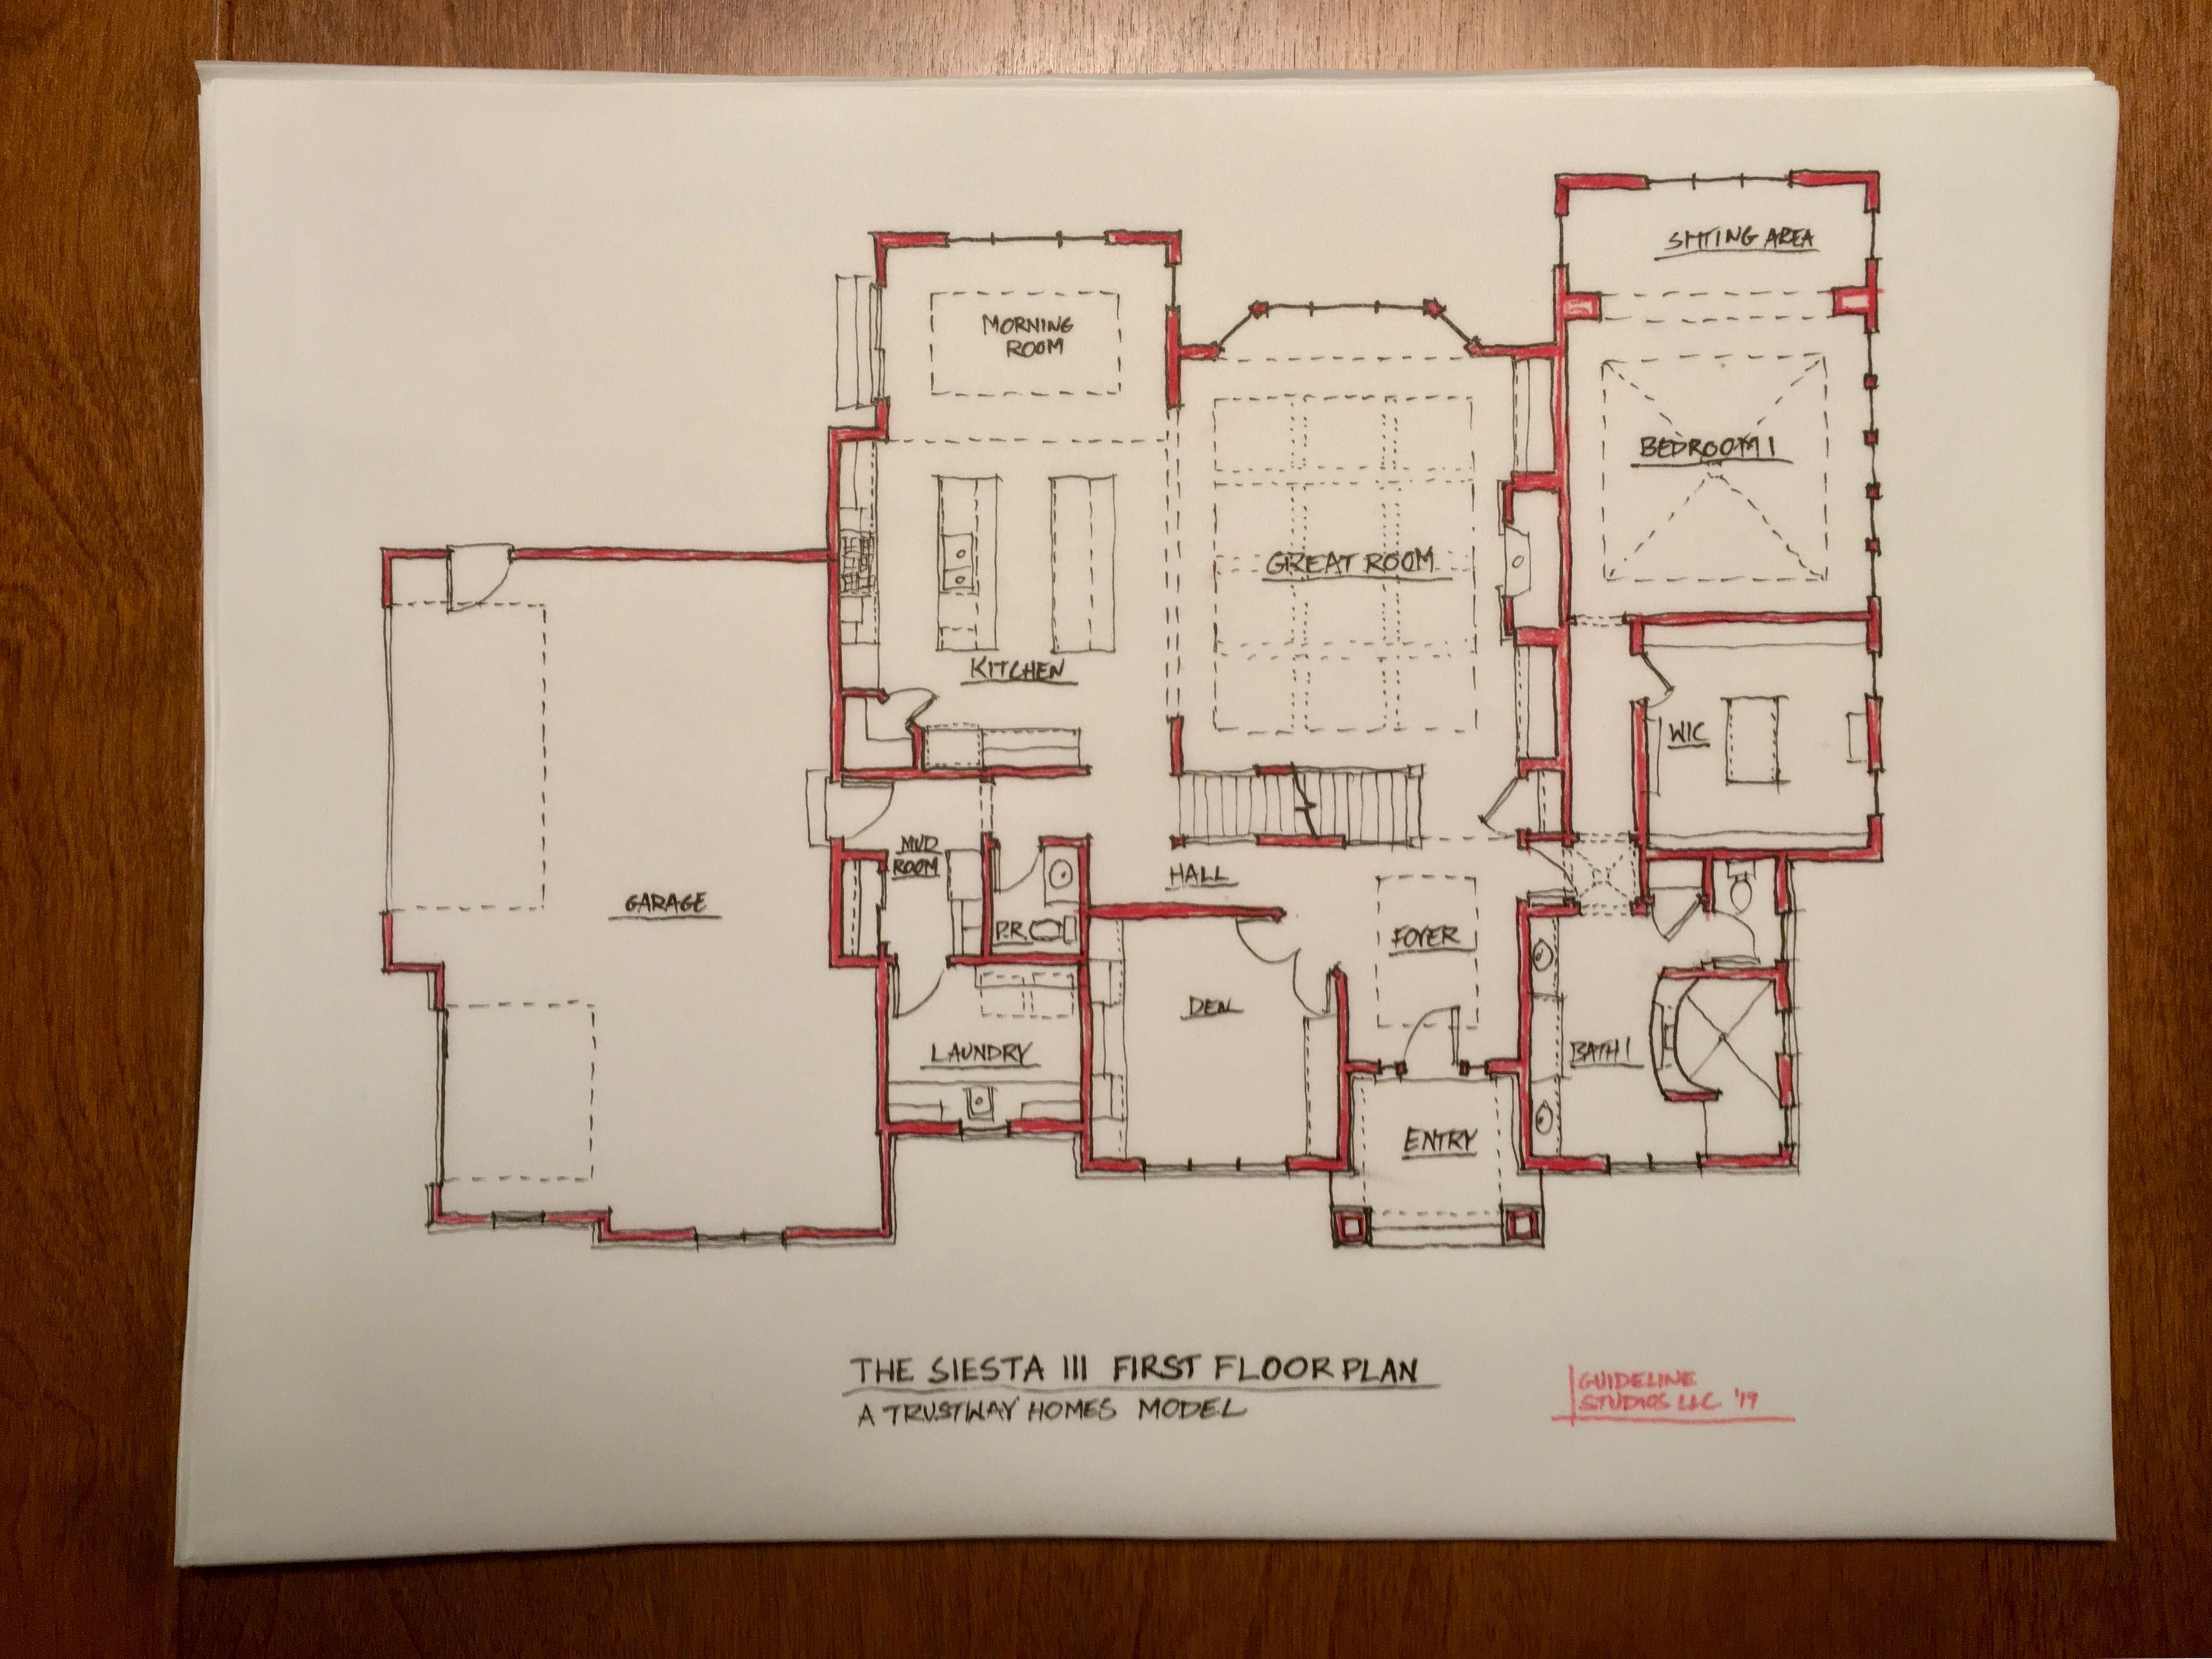 Siesta III Floor Plan Sketch